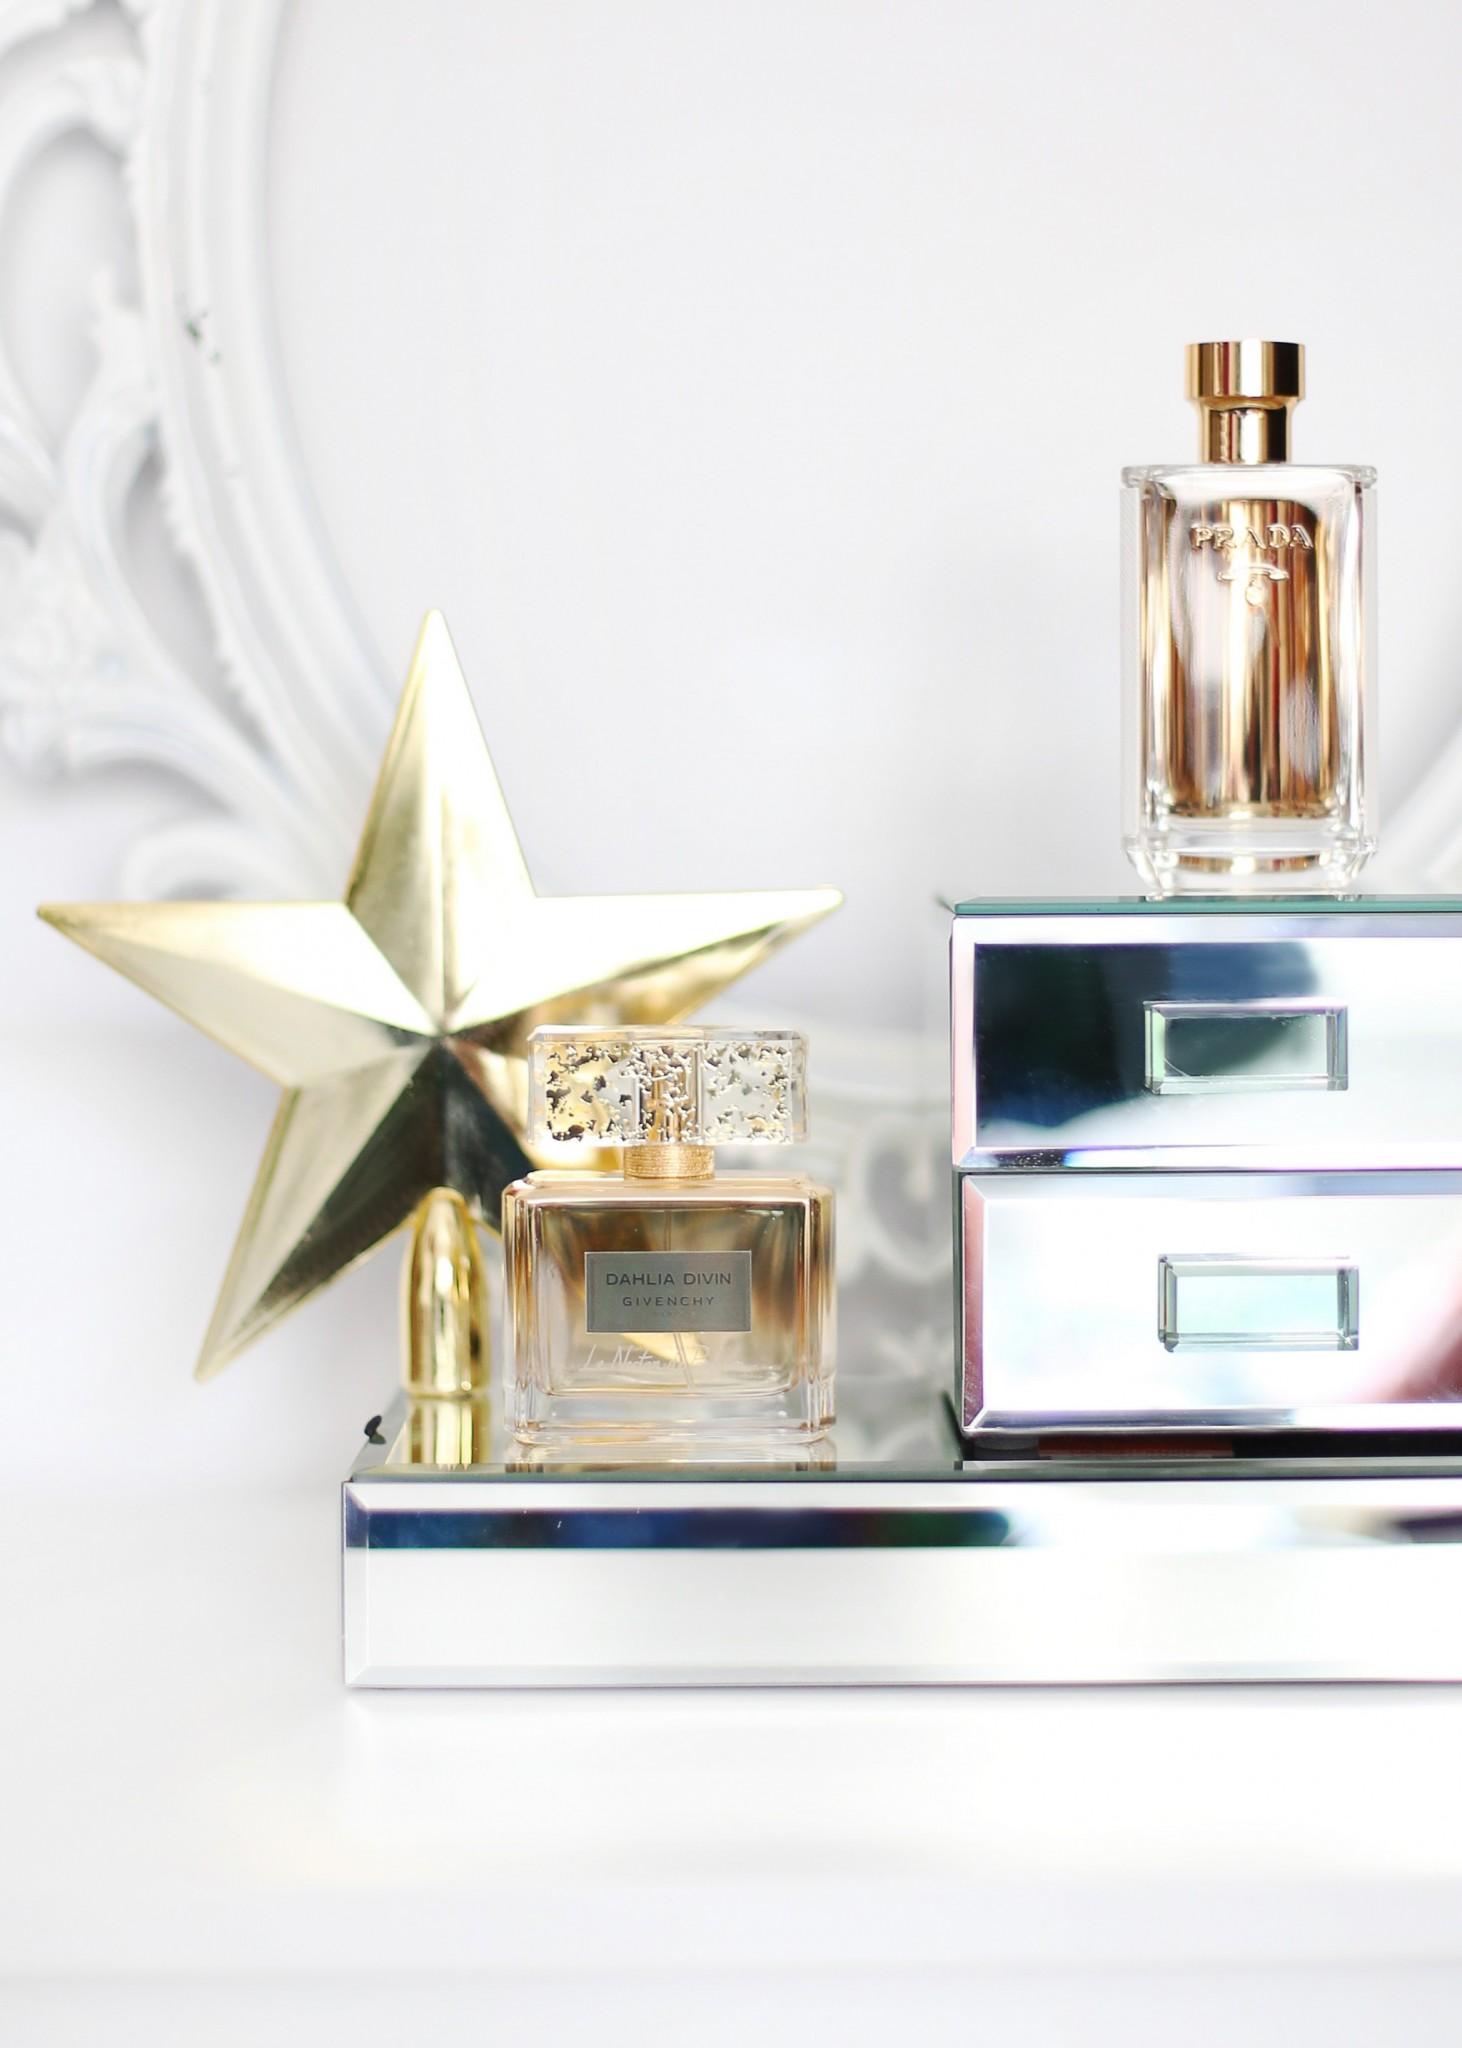 dahlia_divin_givenchy_la_femme_prada_fragrance_fabuloius_muses_cadou_craciun